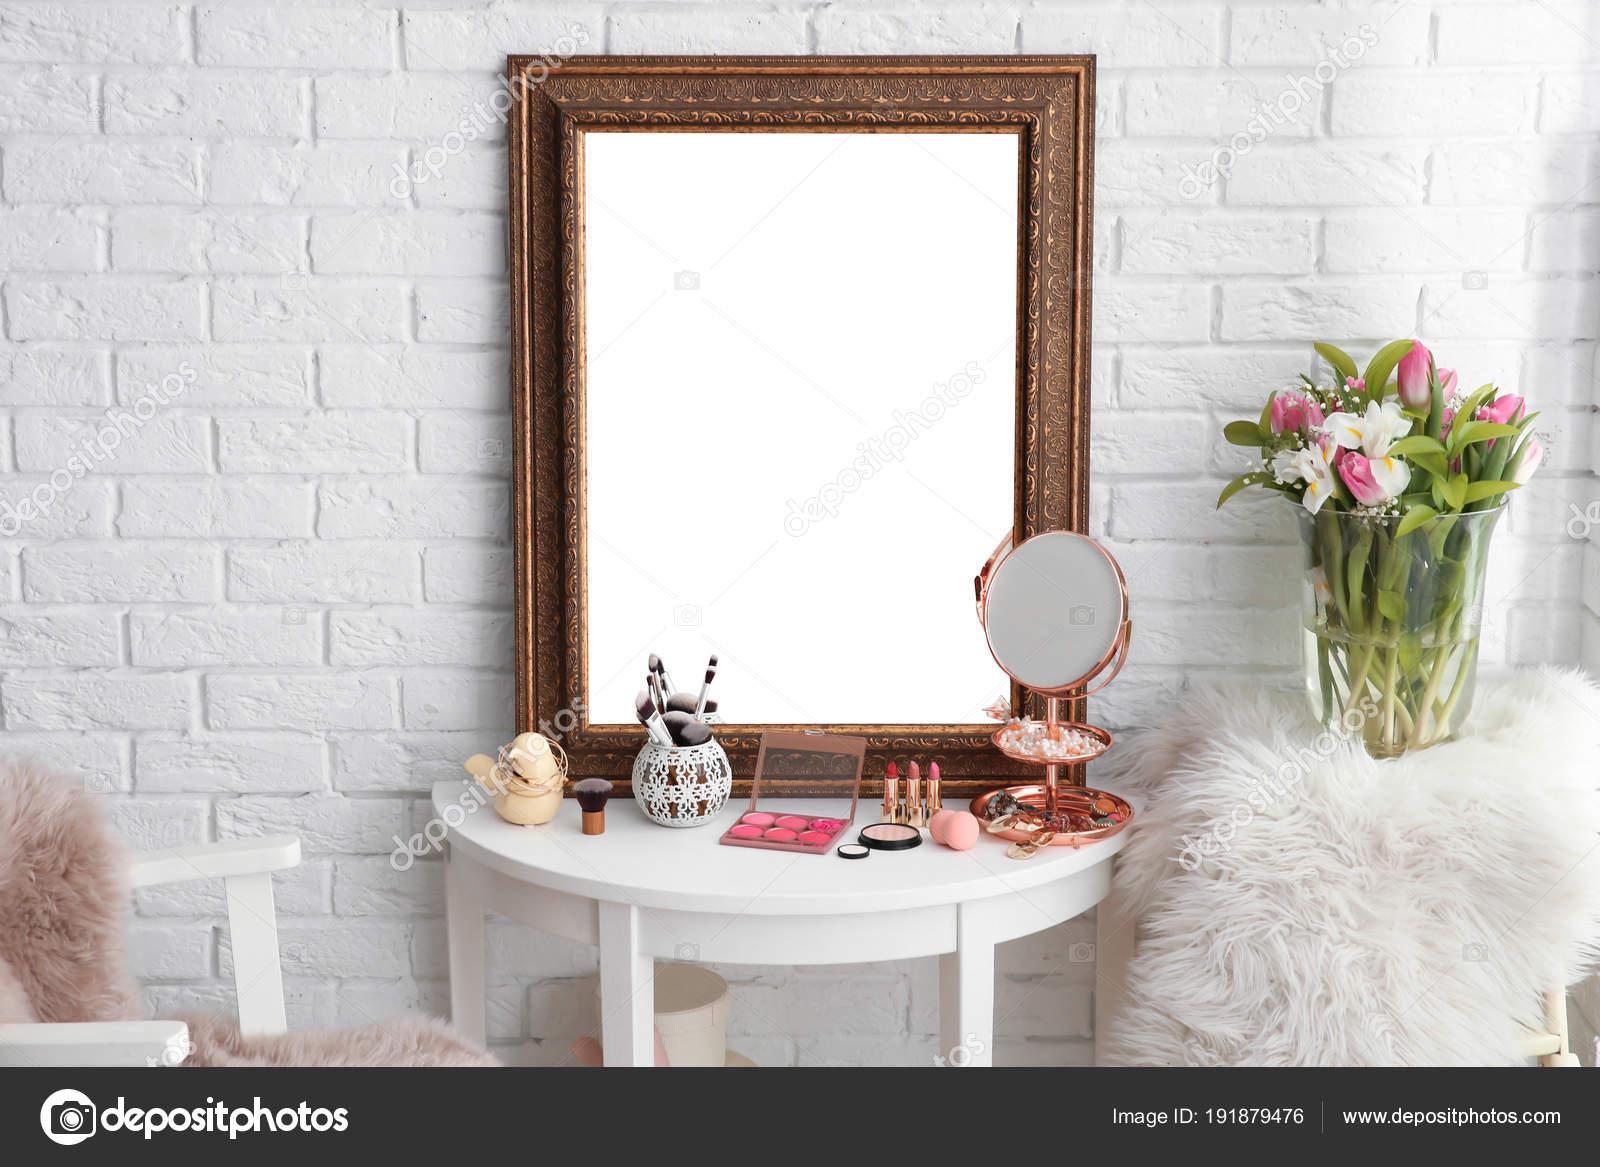 Credenza Con Espejo : Mesa con espejo hermoso y cosméticos en la sala de maquillaje